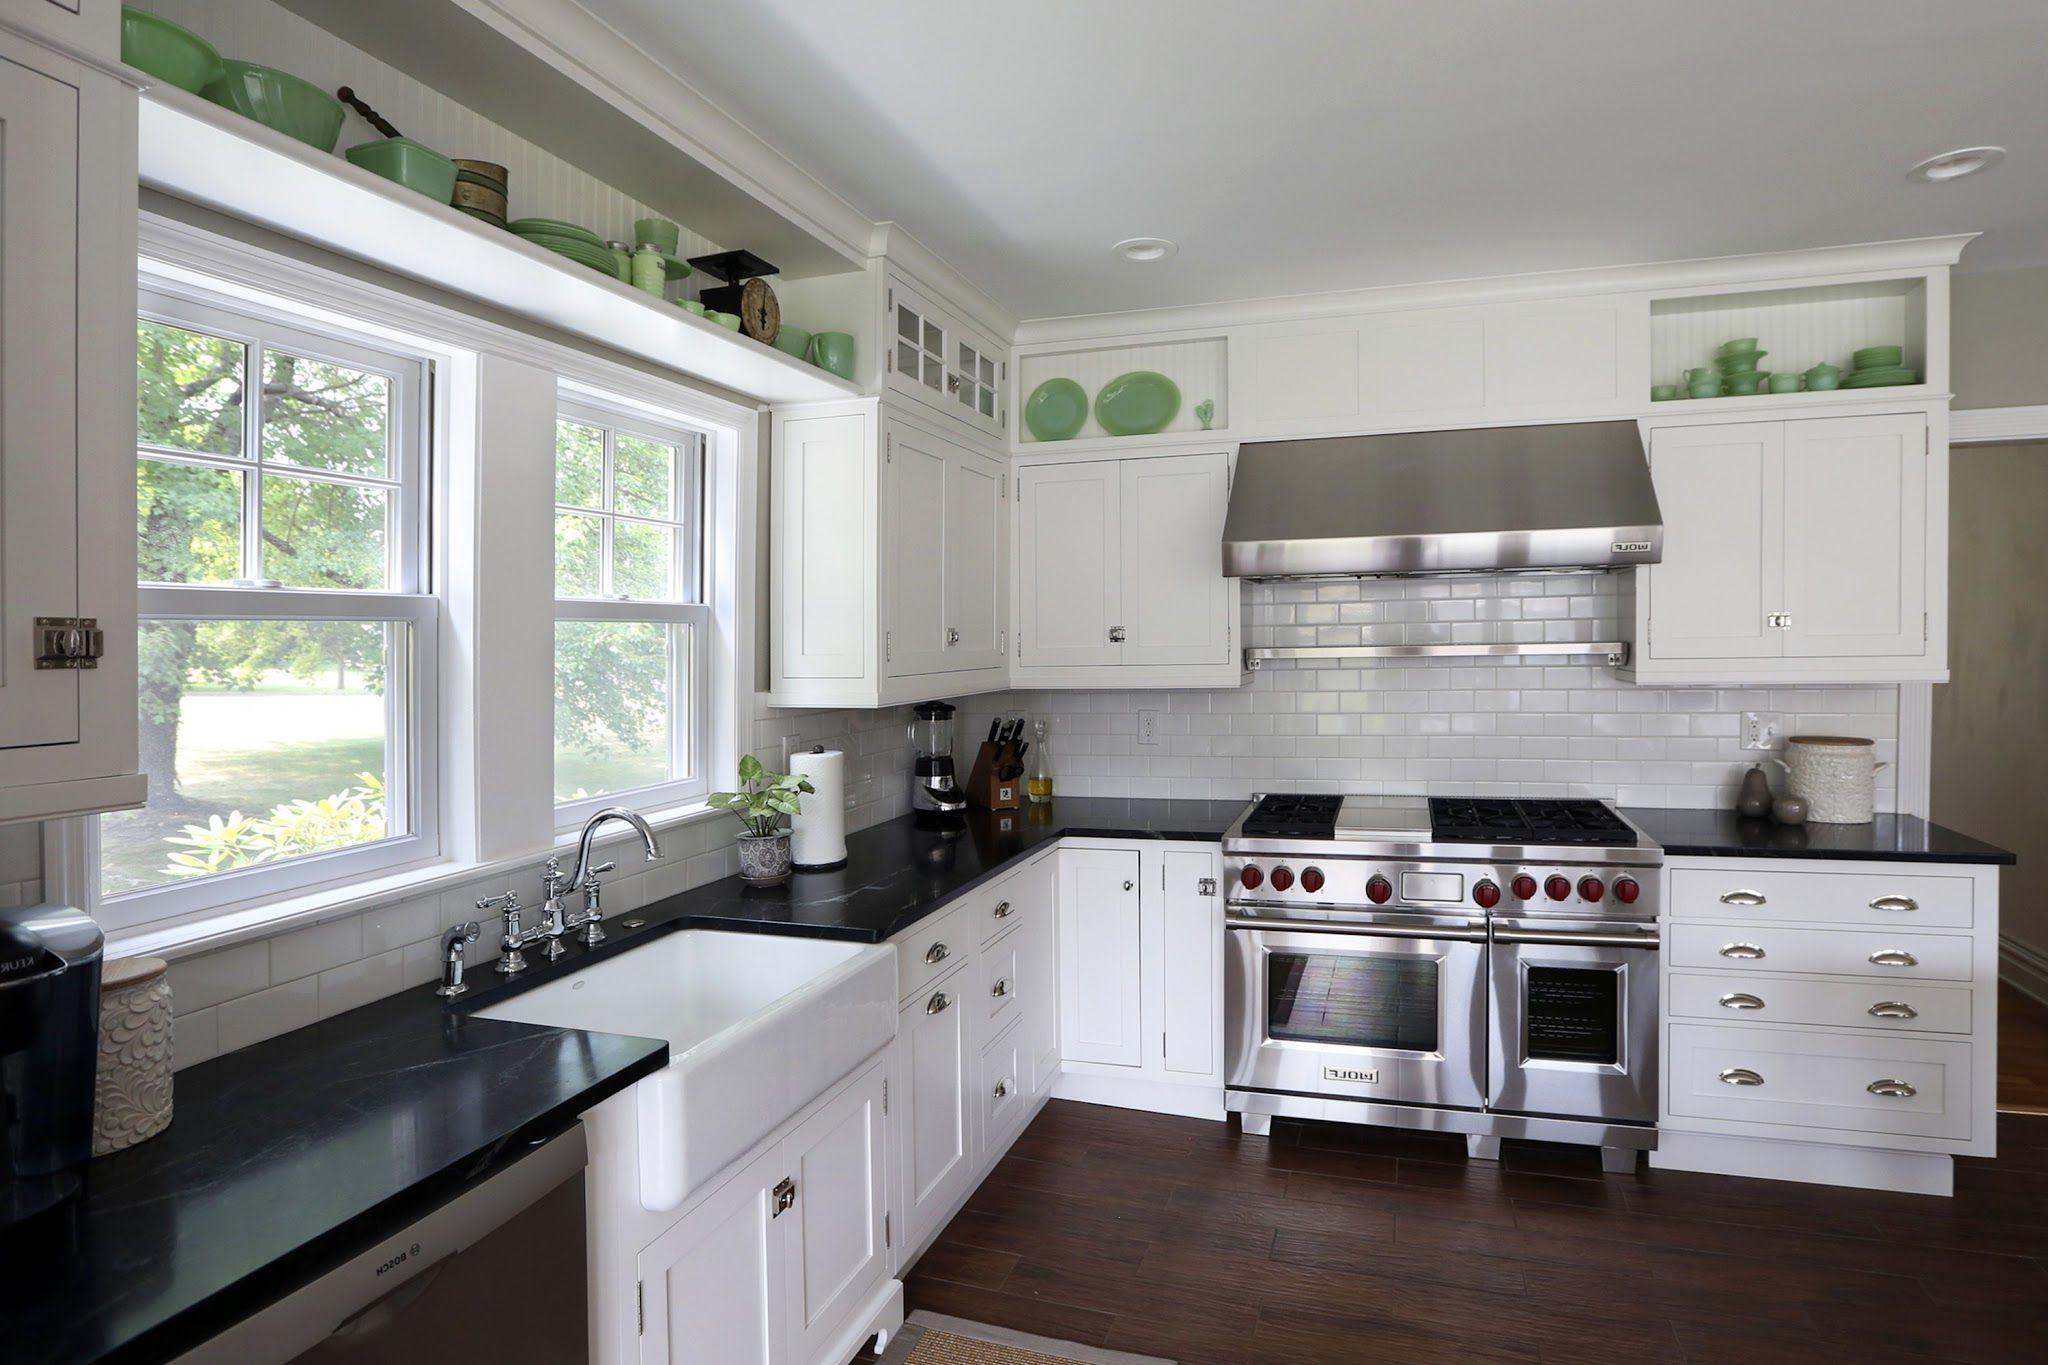 Fliesenmuster Für Die Küche Backsplash Küche Kochfeld Backsplash